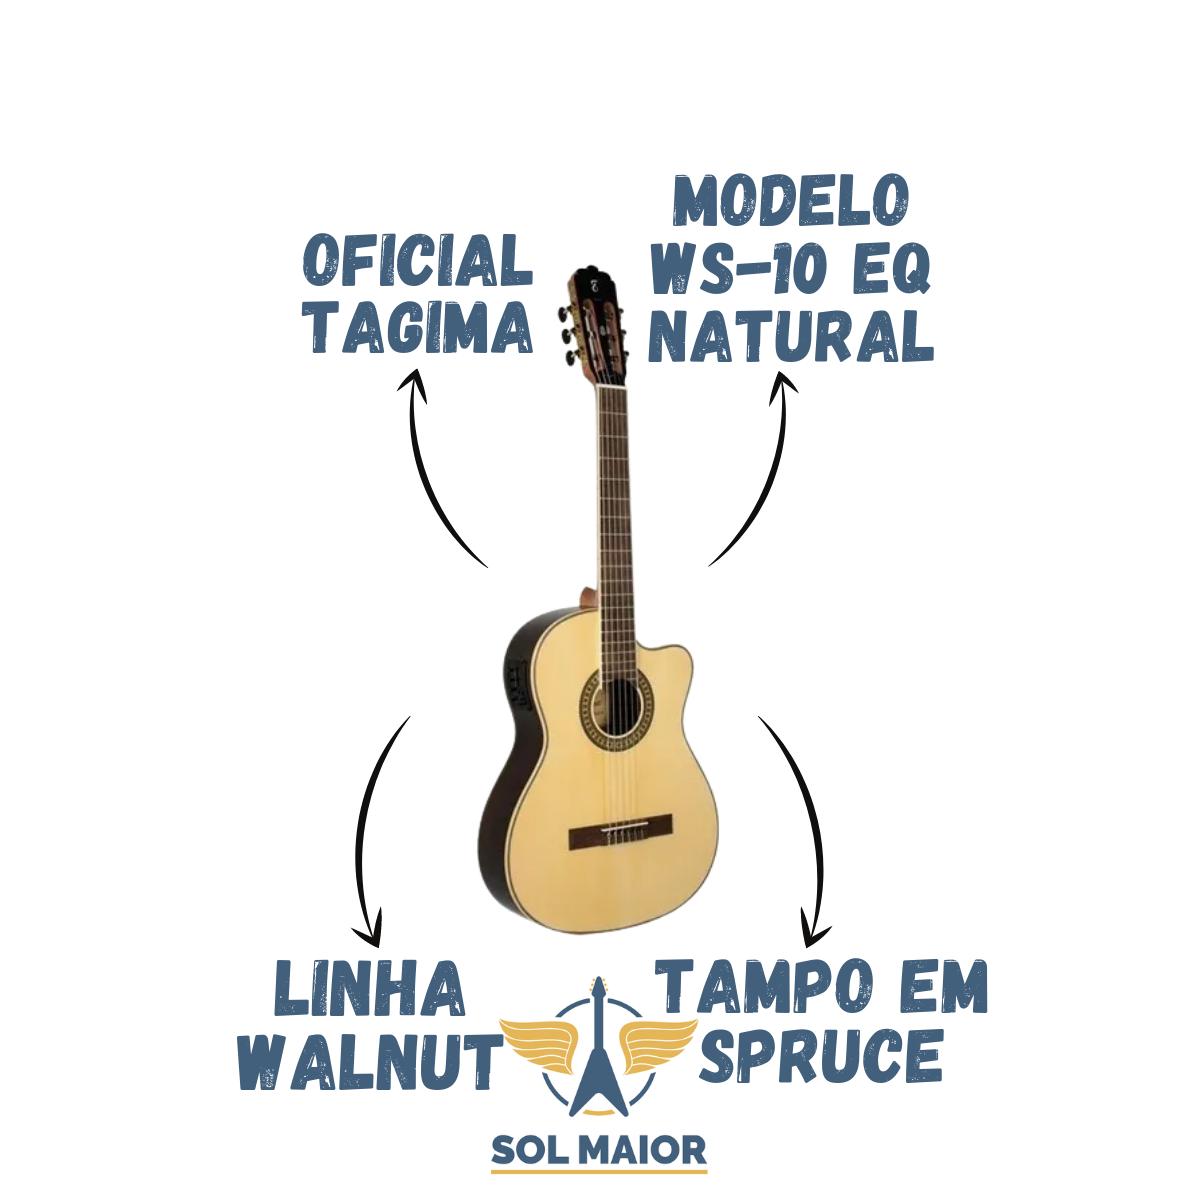 Violão Tagima Ws-10 Eq Classical Cutaway Nylon Walnut